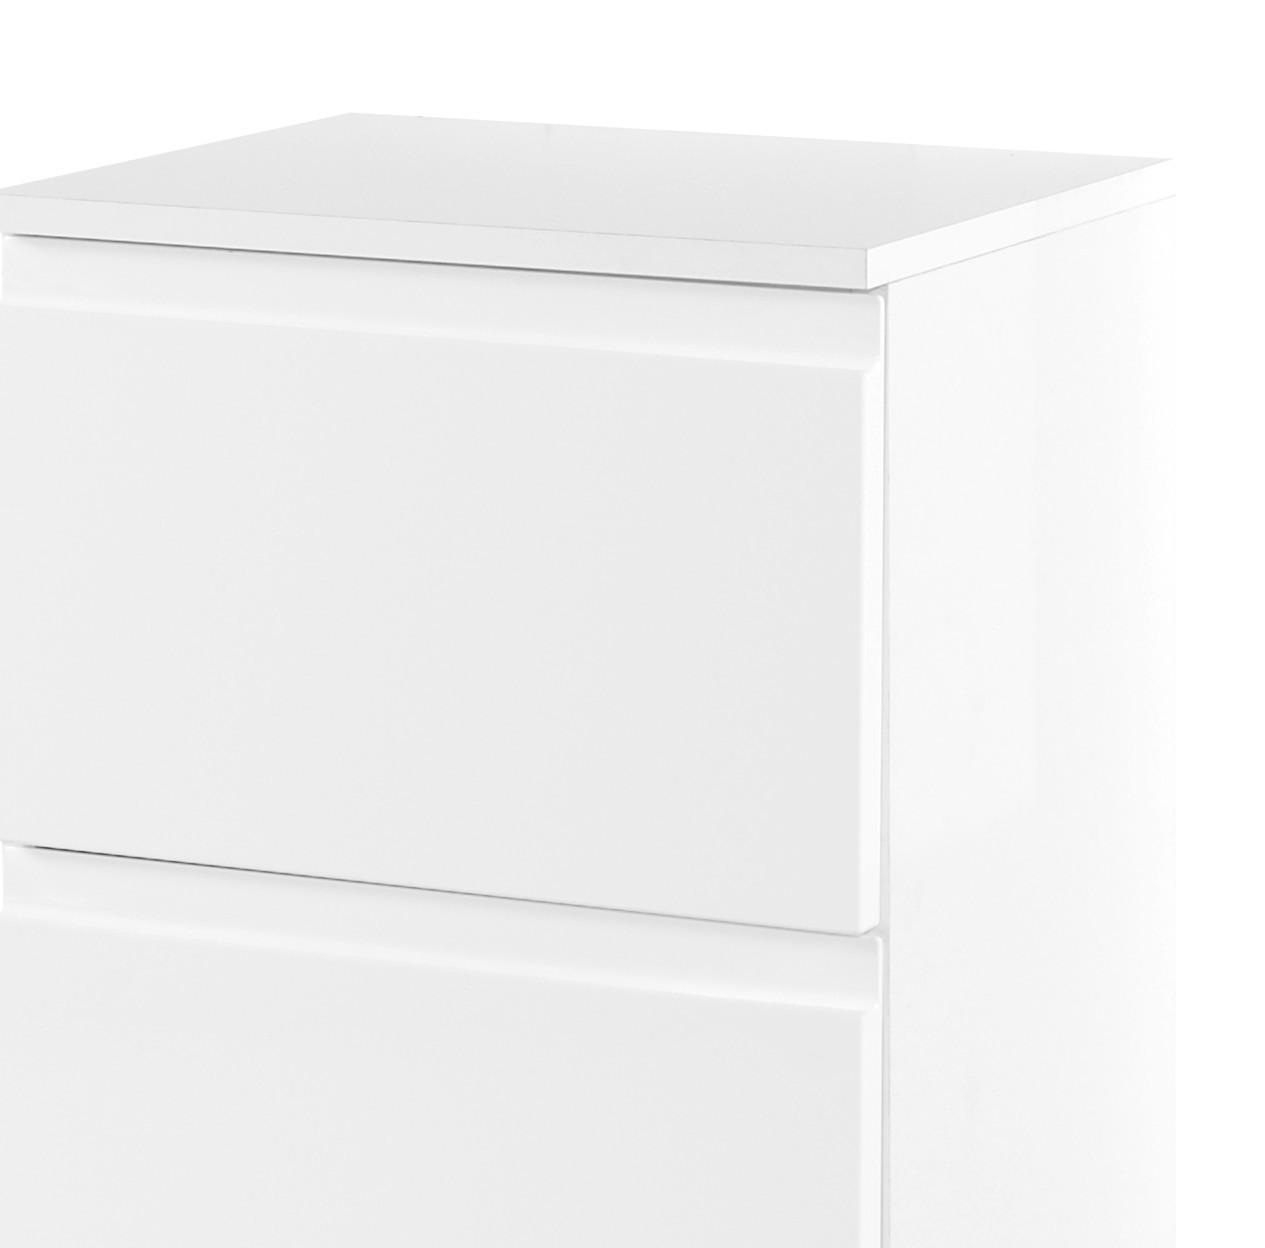 bad unterschrank cardiff 3 schubladen 40 cm breit hochglanz wei bad bad unterschr nke. Black Bedroom Furniture Sets. Home Design Ideas